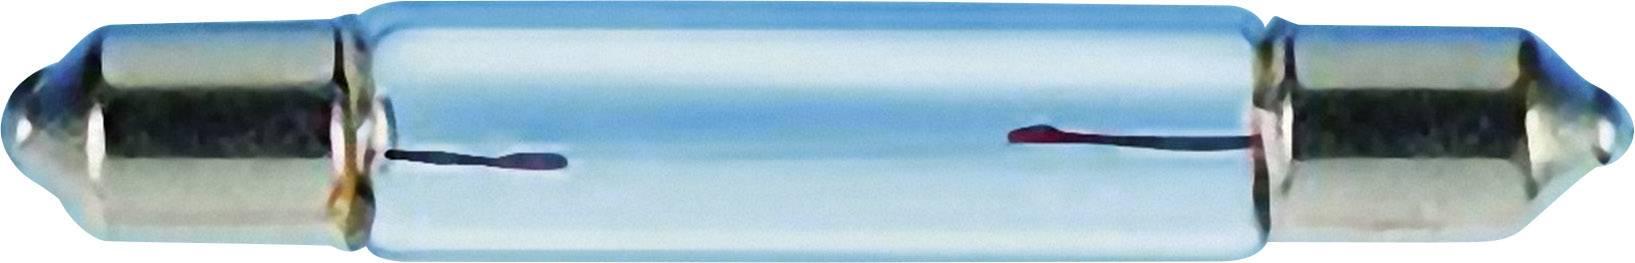 Sulfitová žiarovka Barthelme 00331702, S5.5, číra, 1 ks